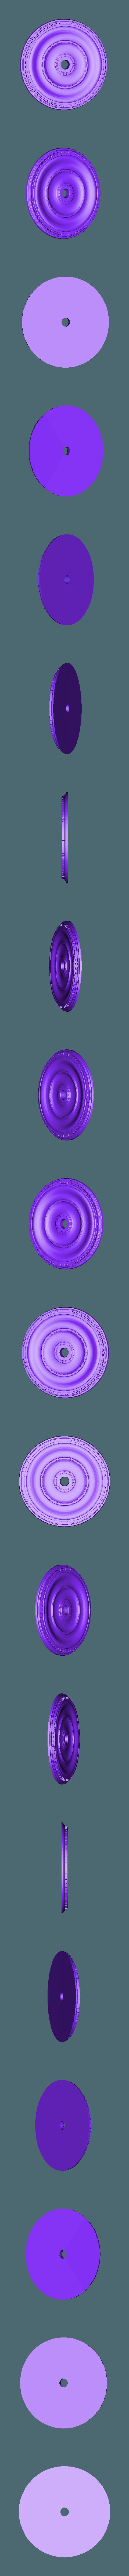 59.obj Télécharger fichier OBJ gratuit Moulures vintage pour vieux appartements classiques cnc art machine à router 3D printed • Modèle à imprimer en 3D, 3DPrinterFiles